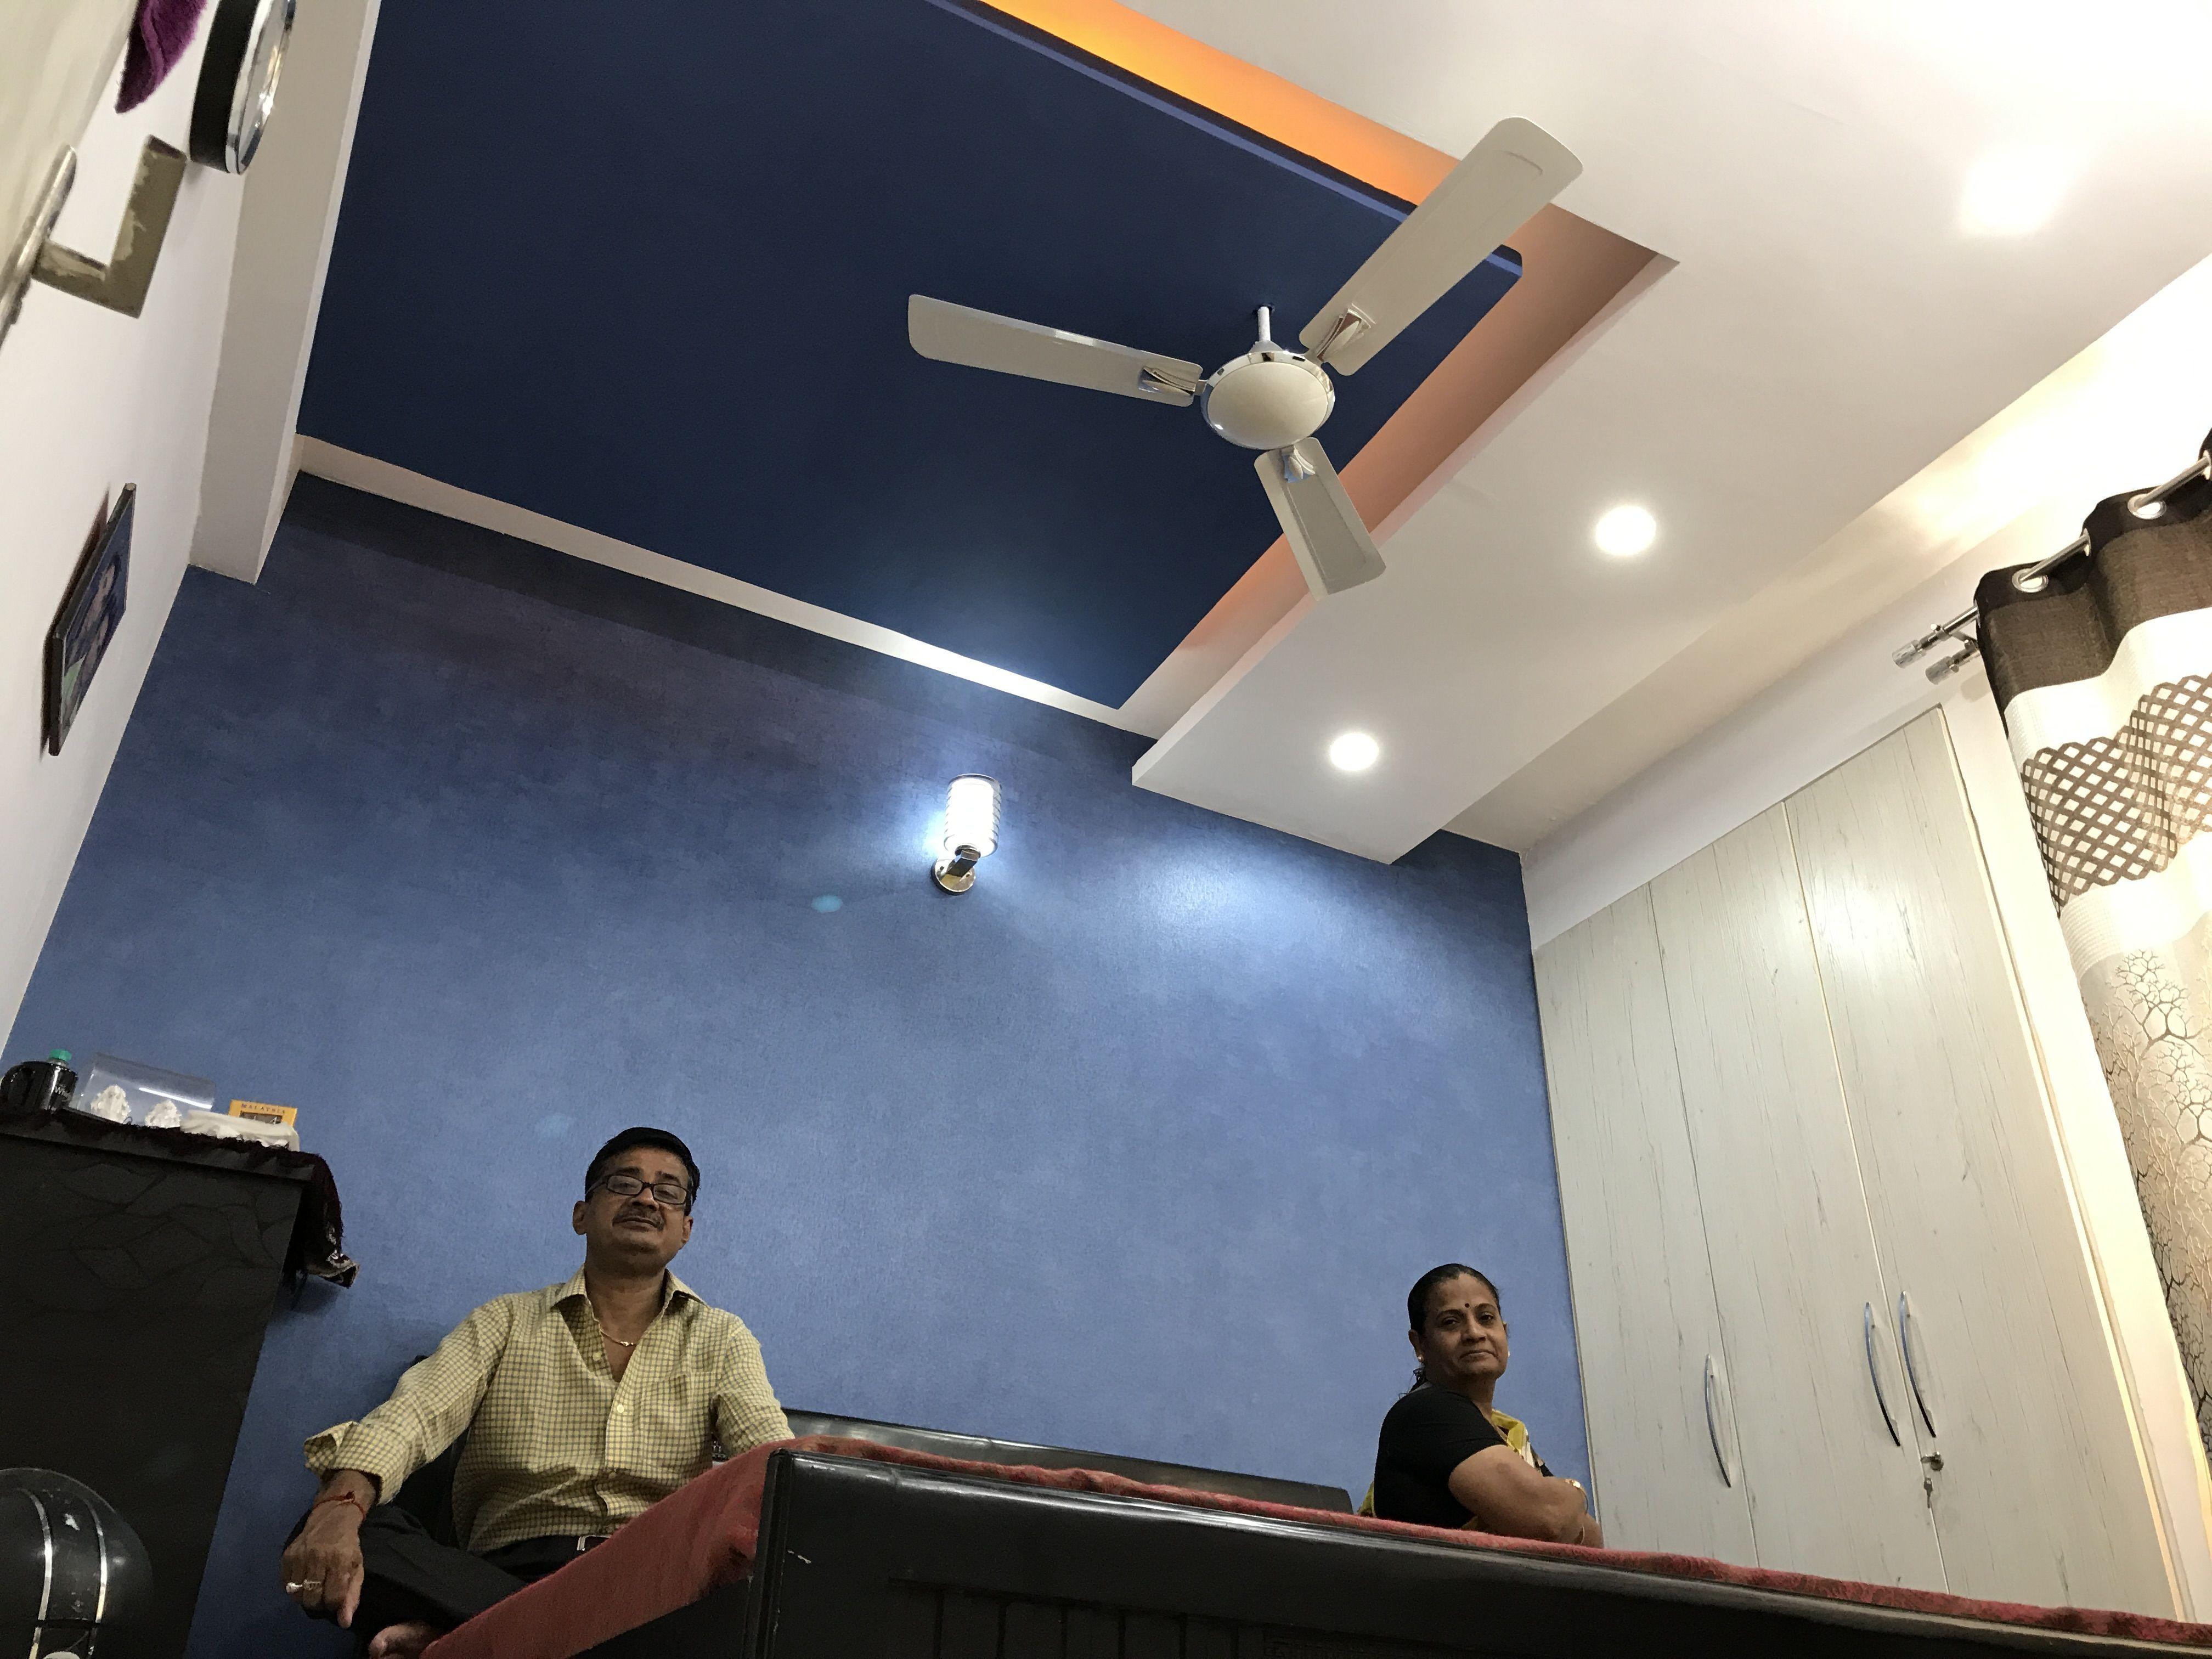 Round False Ceiling Design false ceiling dining wall colors.False ...